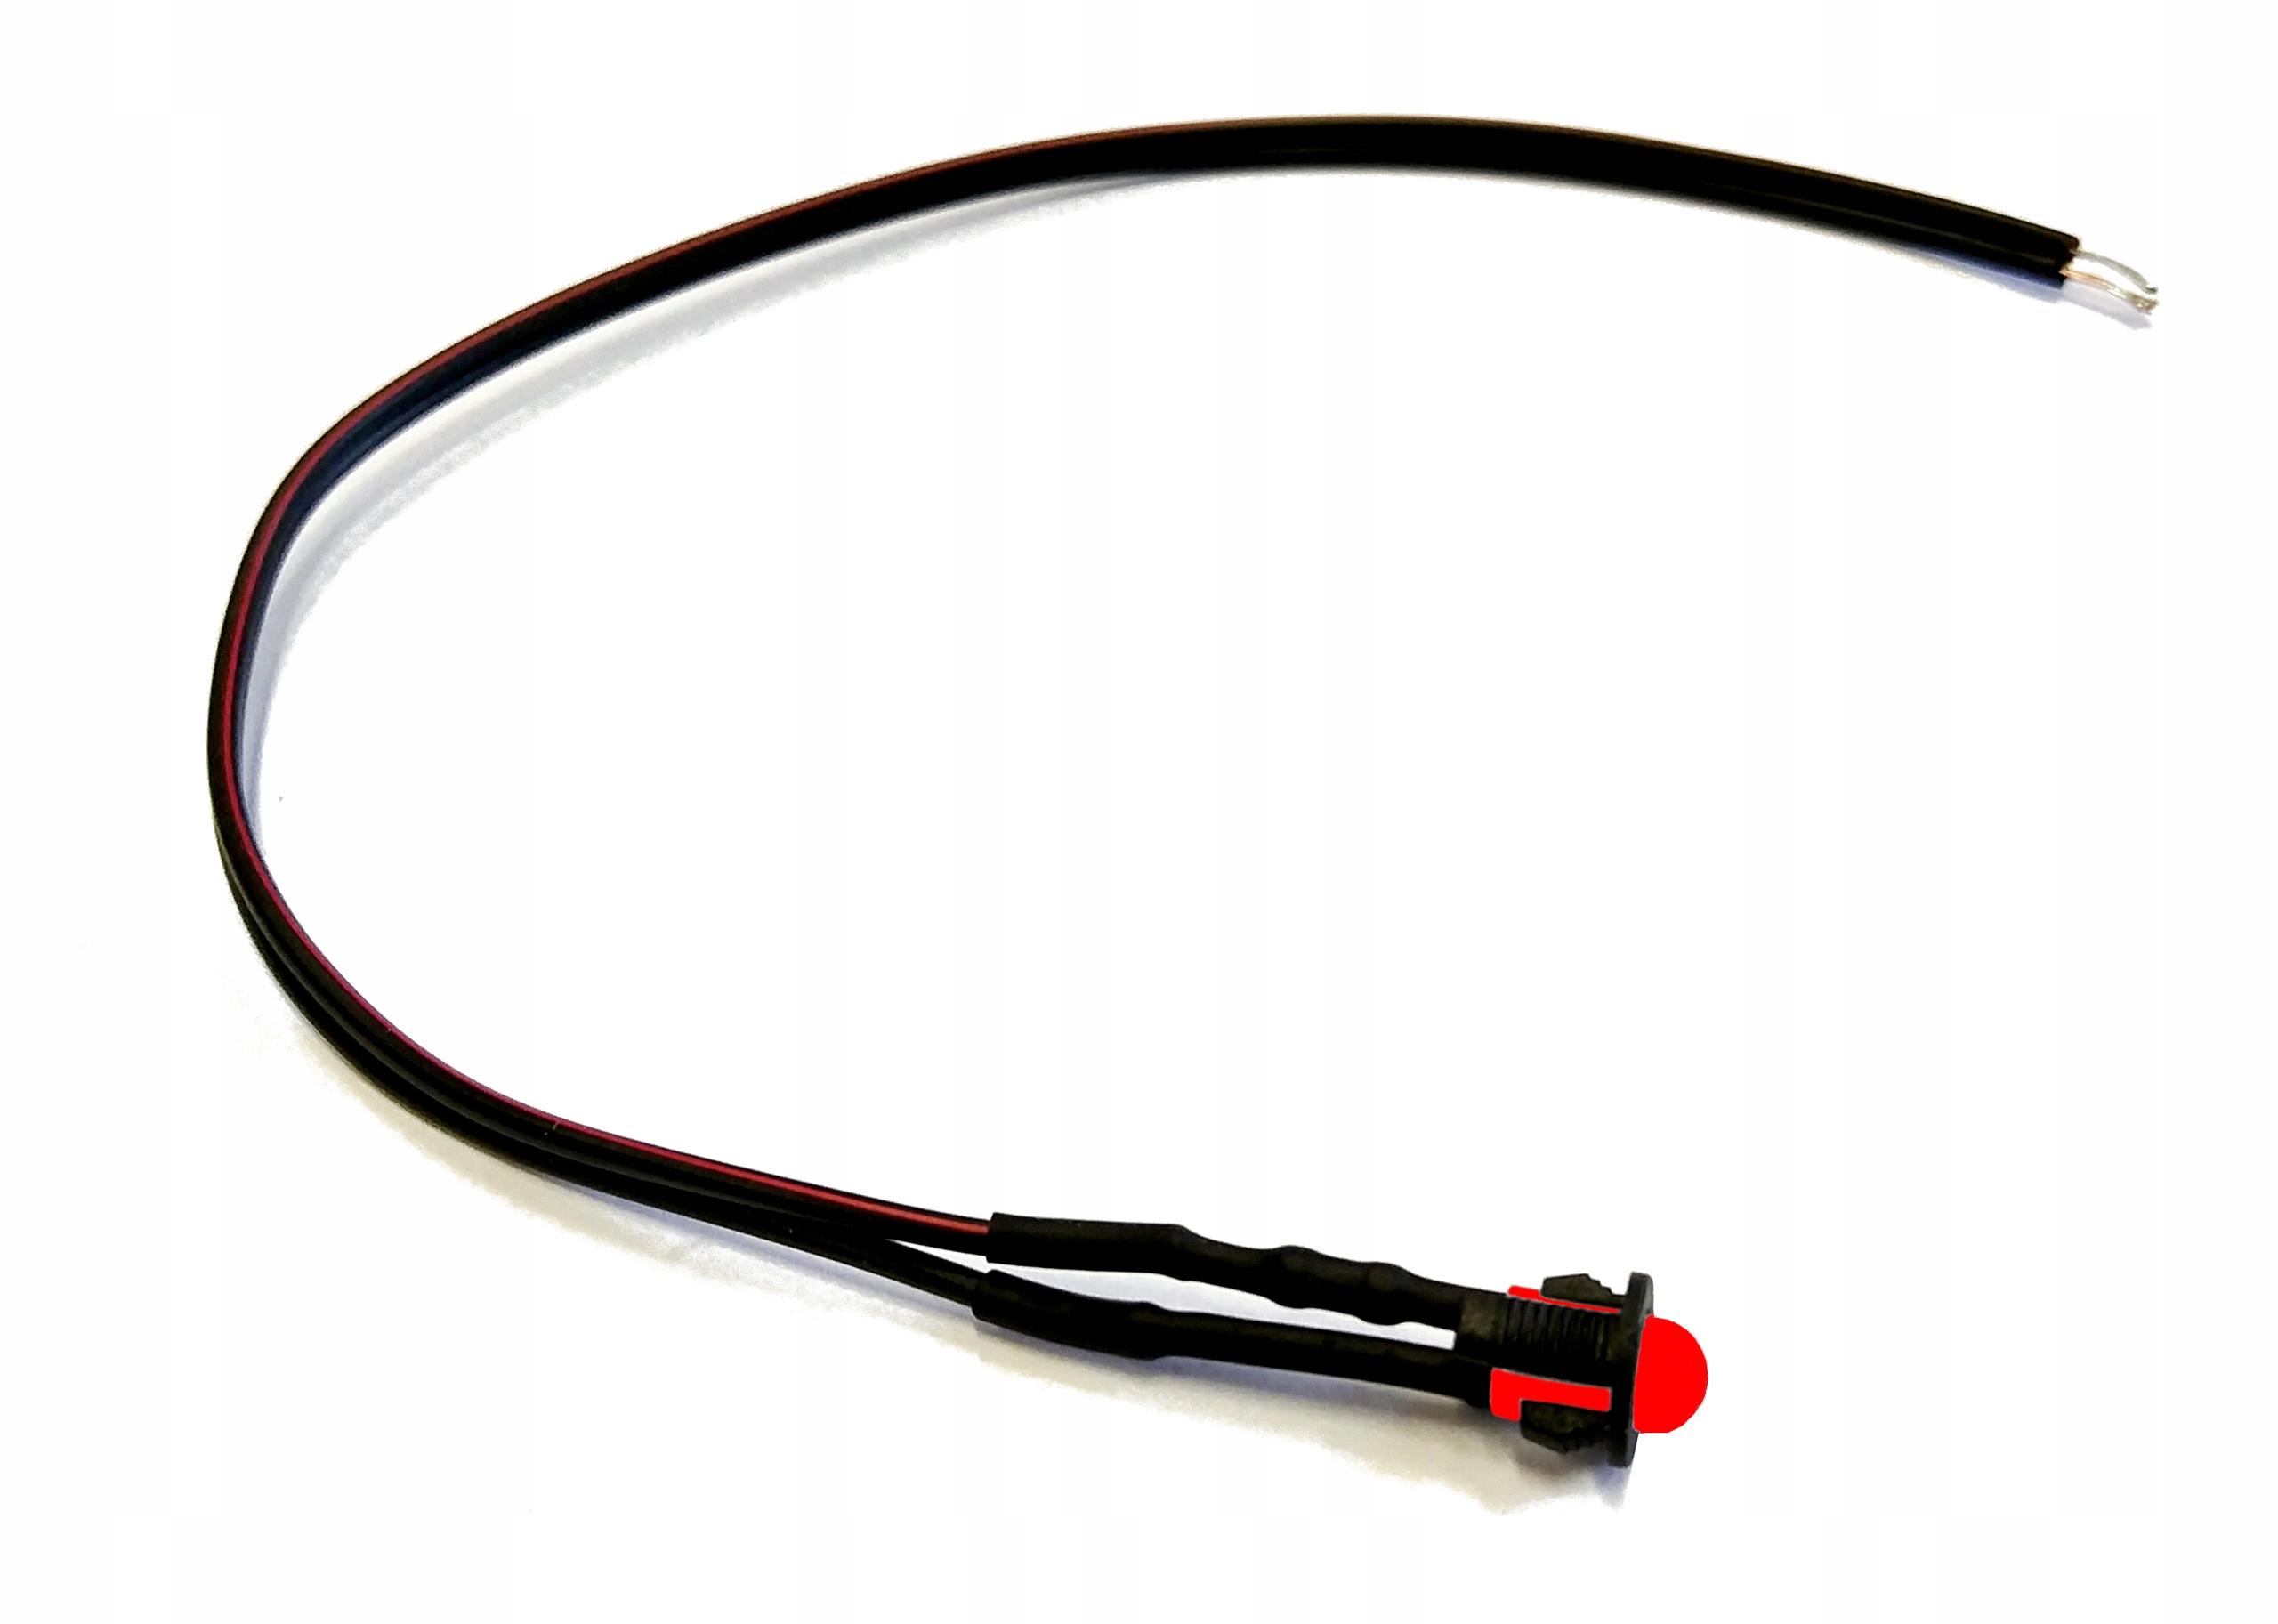 Dioda z kablem 20cm LED 5mm 12V czerwona z oprawką